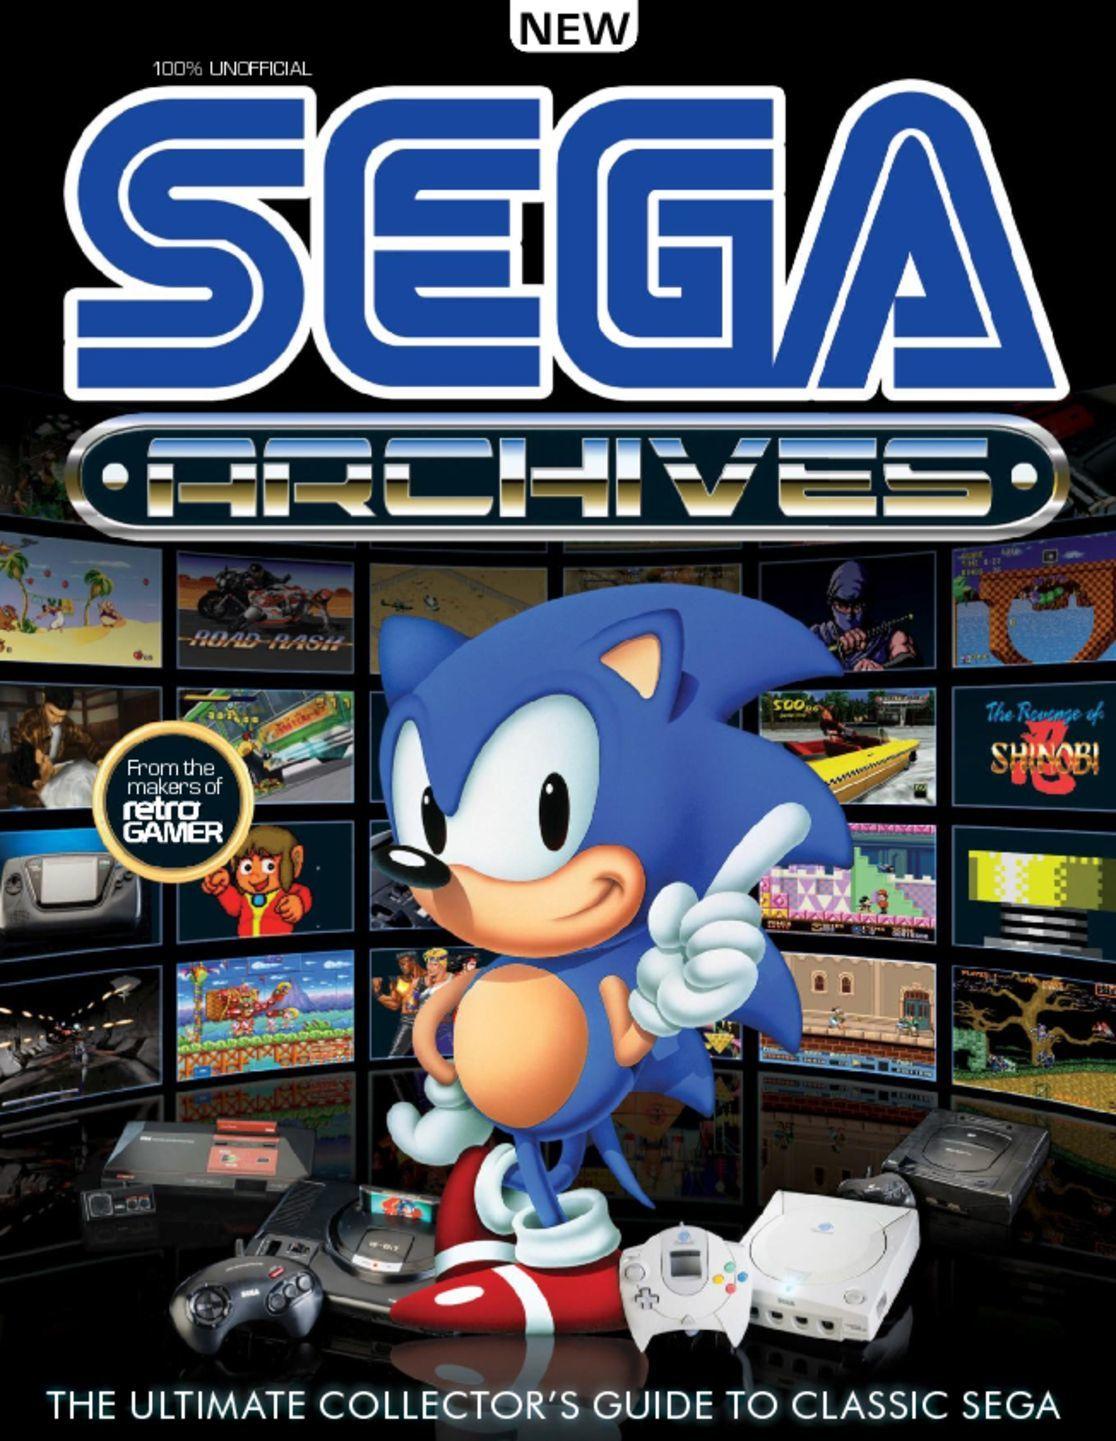 Sega Archives Digital